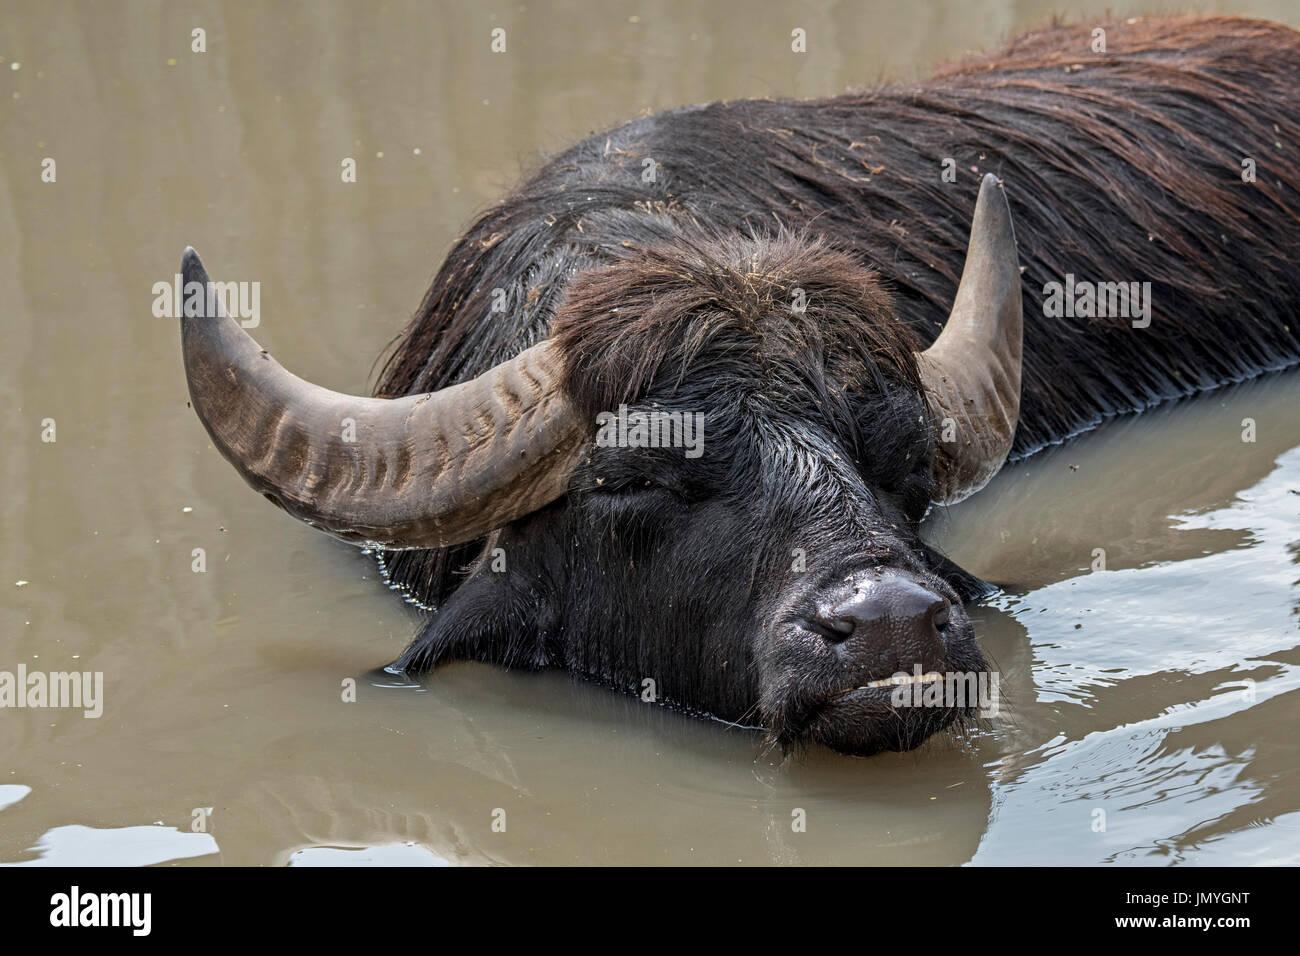 domestic-asian-water-buffalo-bubalus-arnee-bathing-in-river-native-JMYGNT.jpg